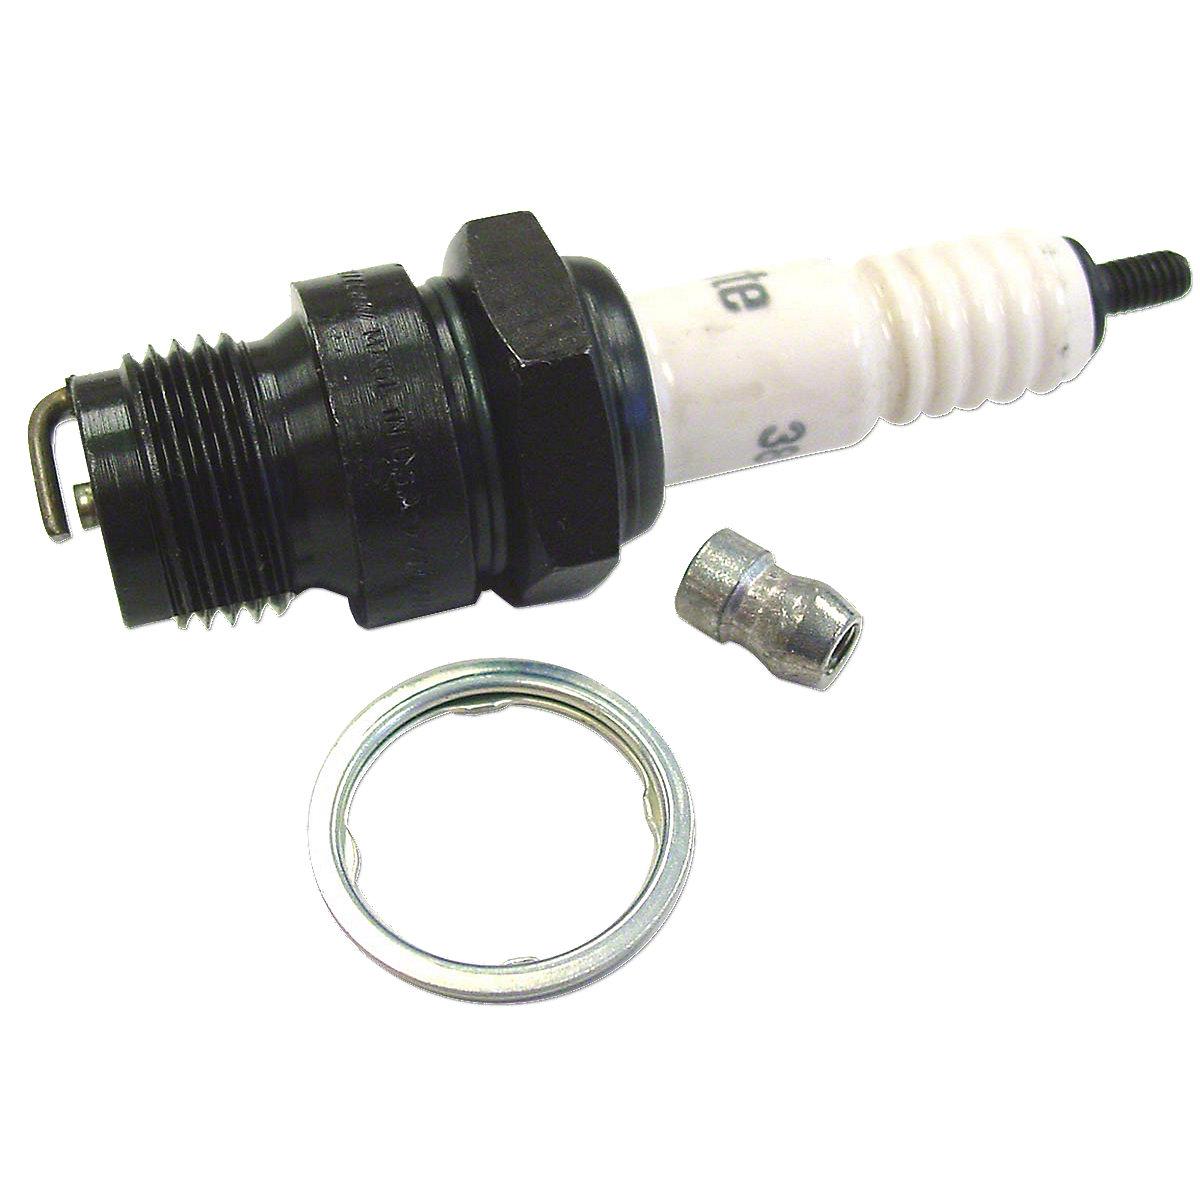 Autolite Spark Plug For Allis Chalmers Tractors.